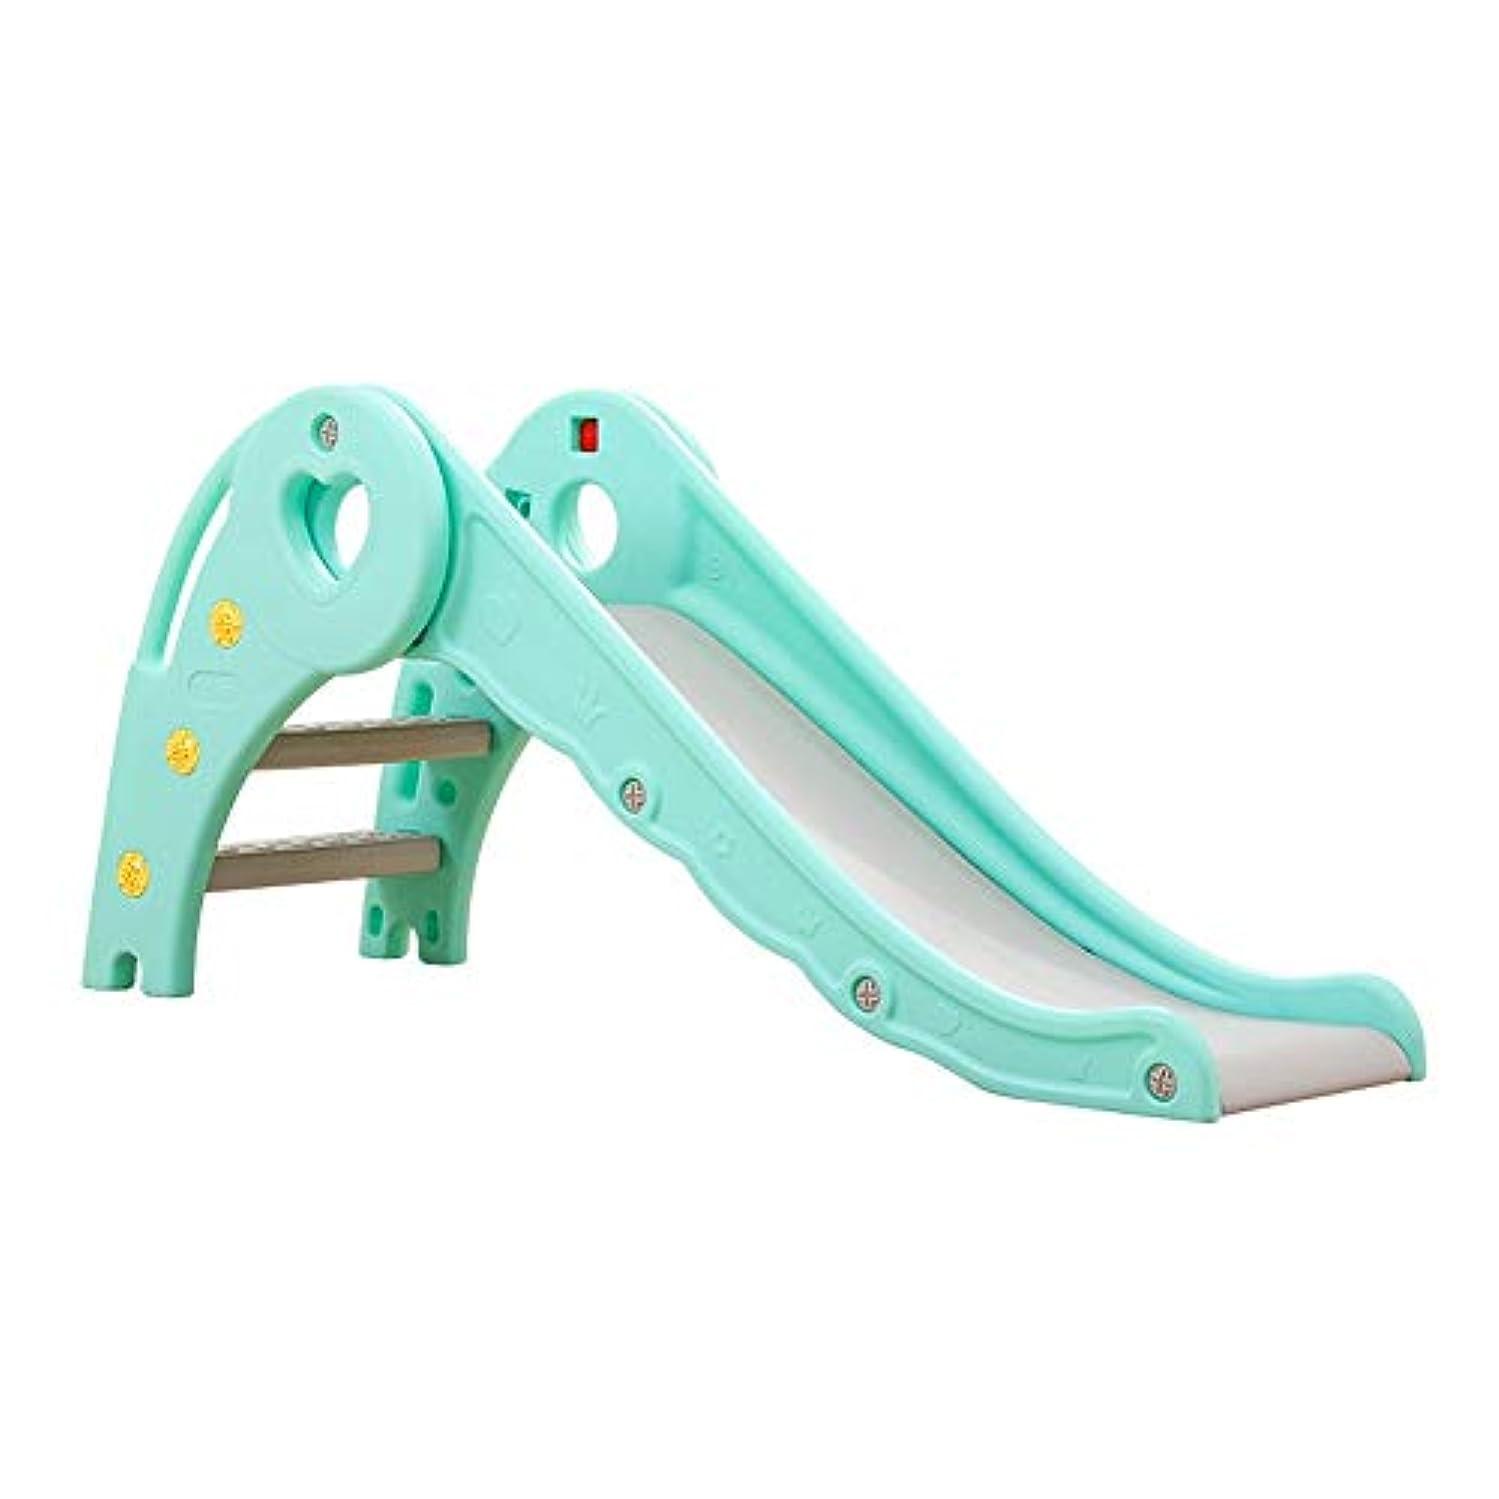 宿考えたテープ滑り台 屋内幼児は、男の子と女の子のためにセットアップするために折り畳み式のファミリースライド遊び場簡単に、理想的なギフトを再生する、推奨年齢1-10 ジュニアアクティビティジム (色 : 緑, サイズ : 127x33x57cm)